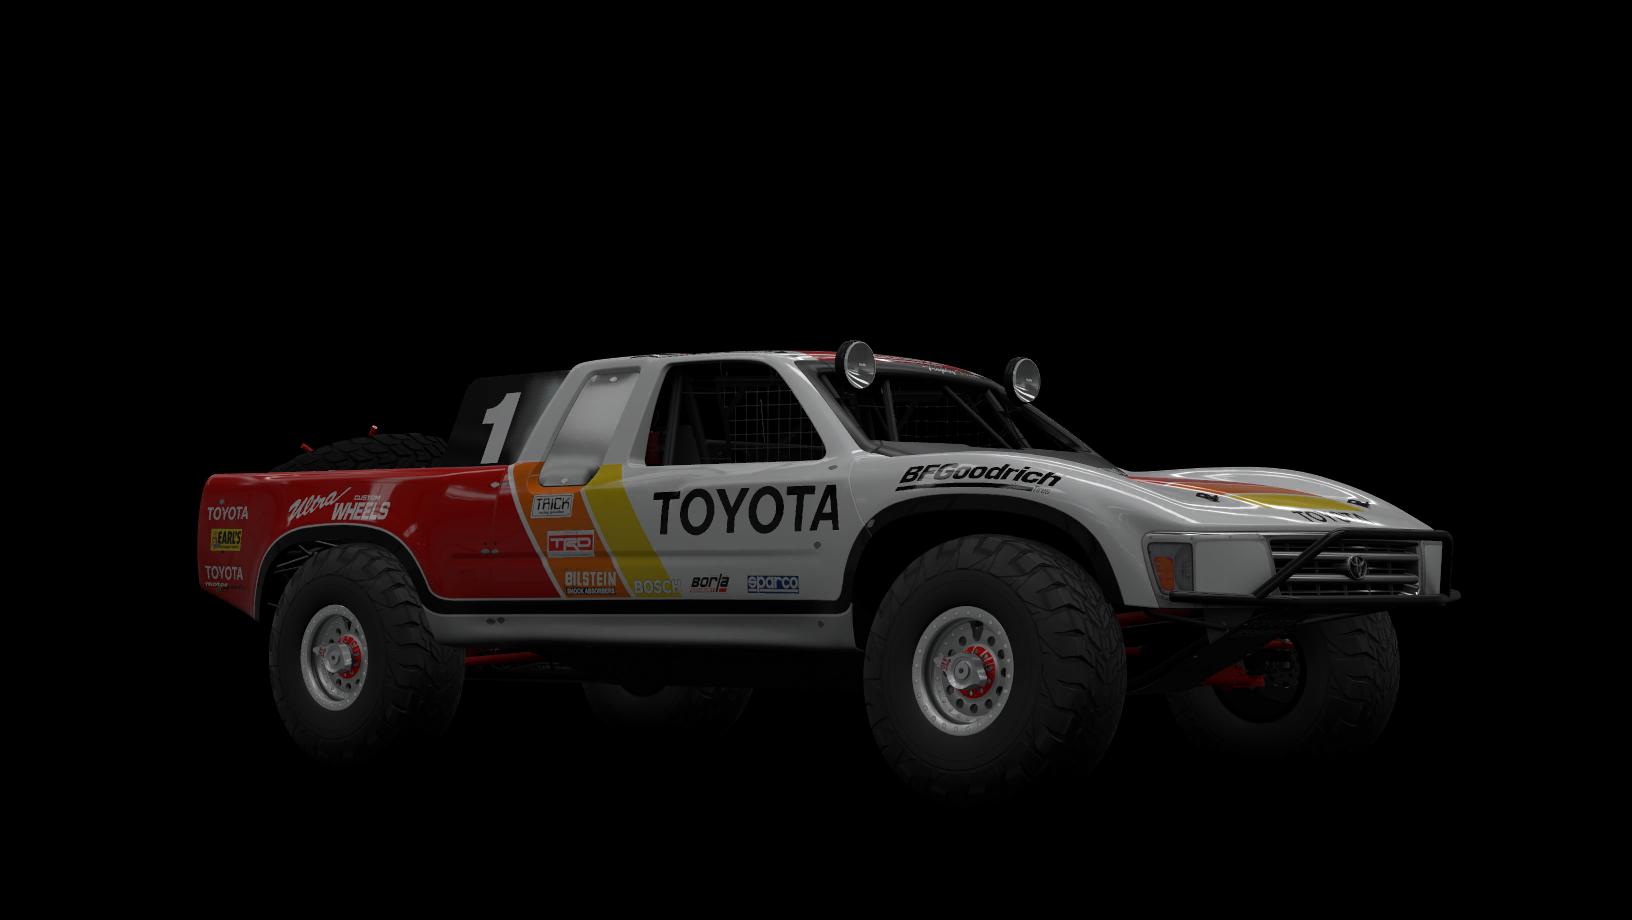 Toyota 1 T100 Baja Truck Forza Wiki Fandom